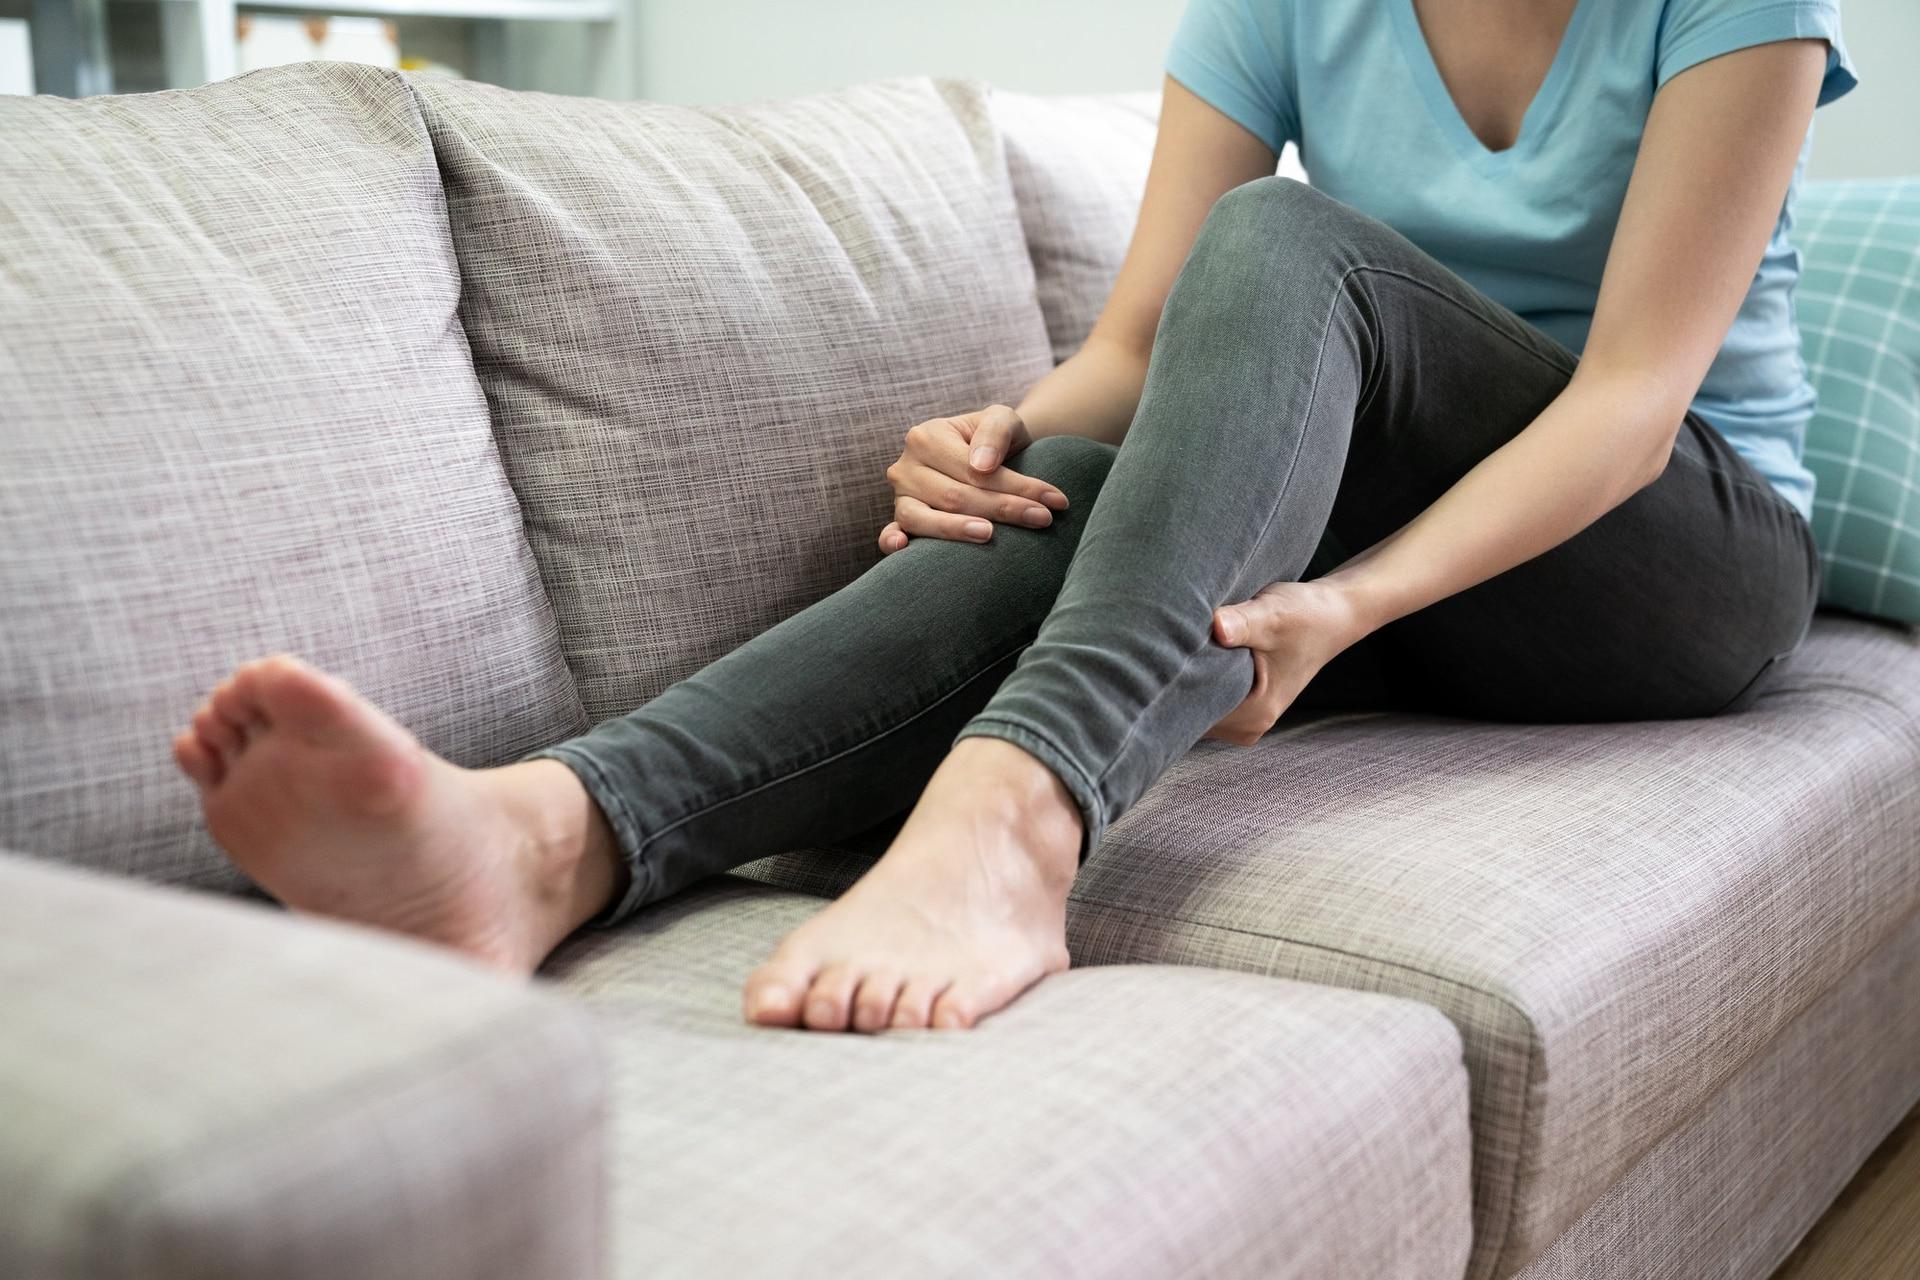 El dolor muscular es recurrente en pacientes que ya padecieron la enfermedad